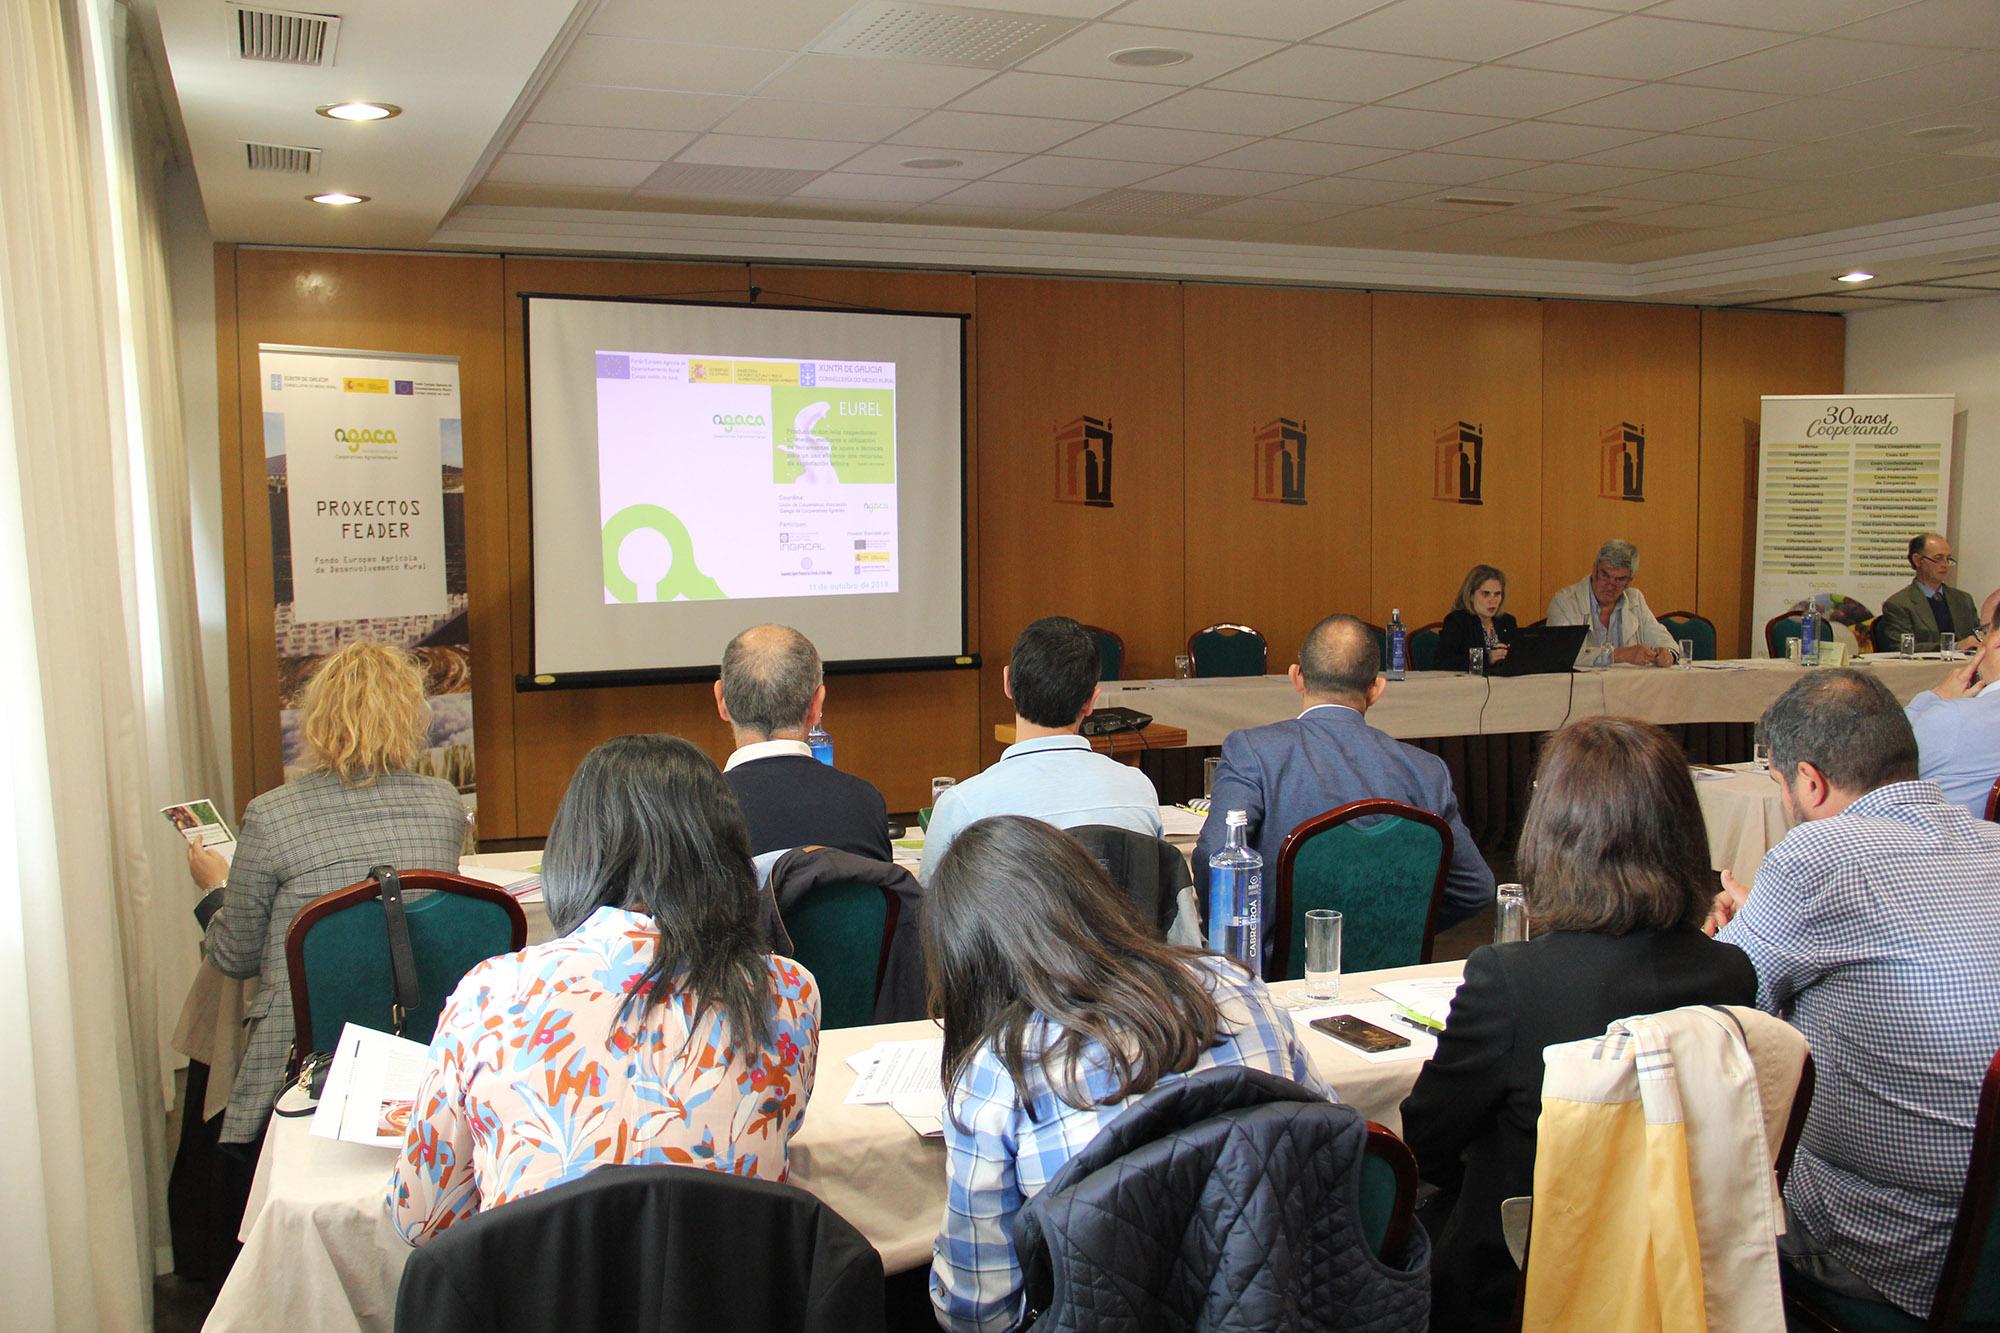 AGACA presentou os resultados de 7 proxectos  innovadores para o sector primario